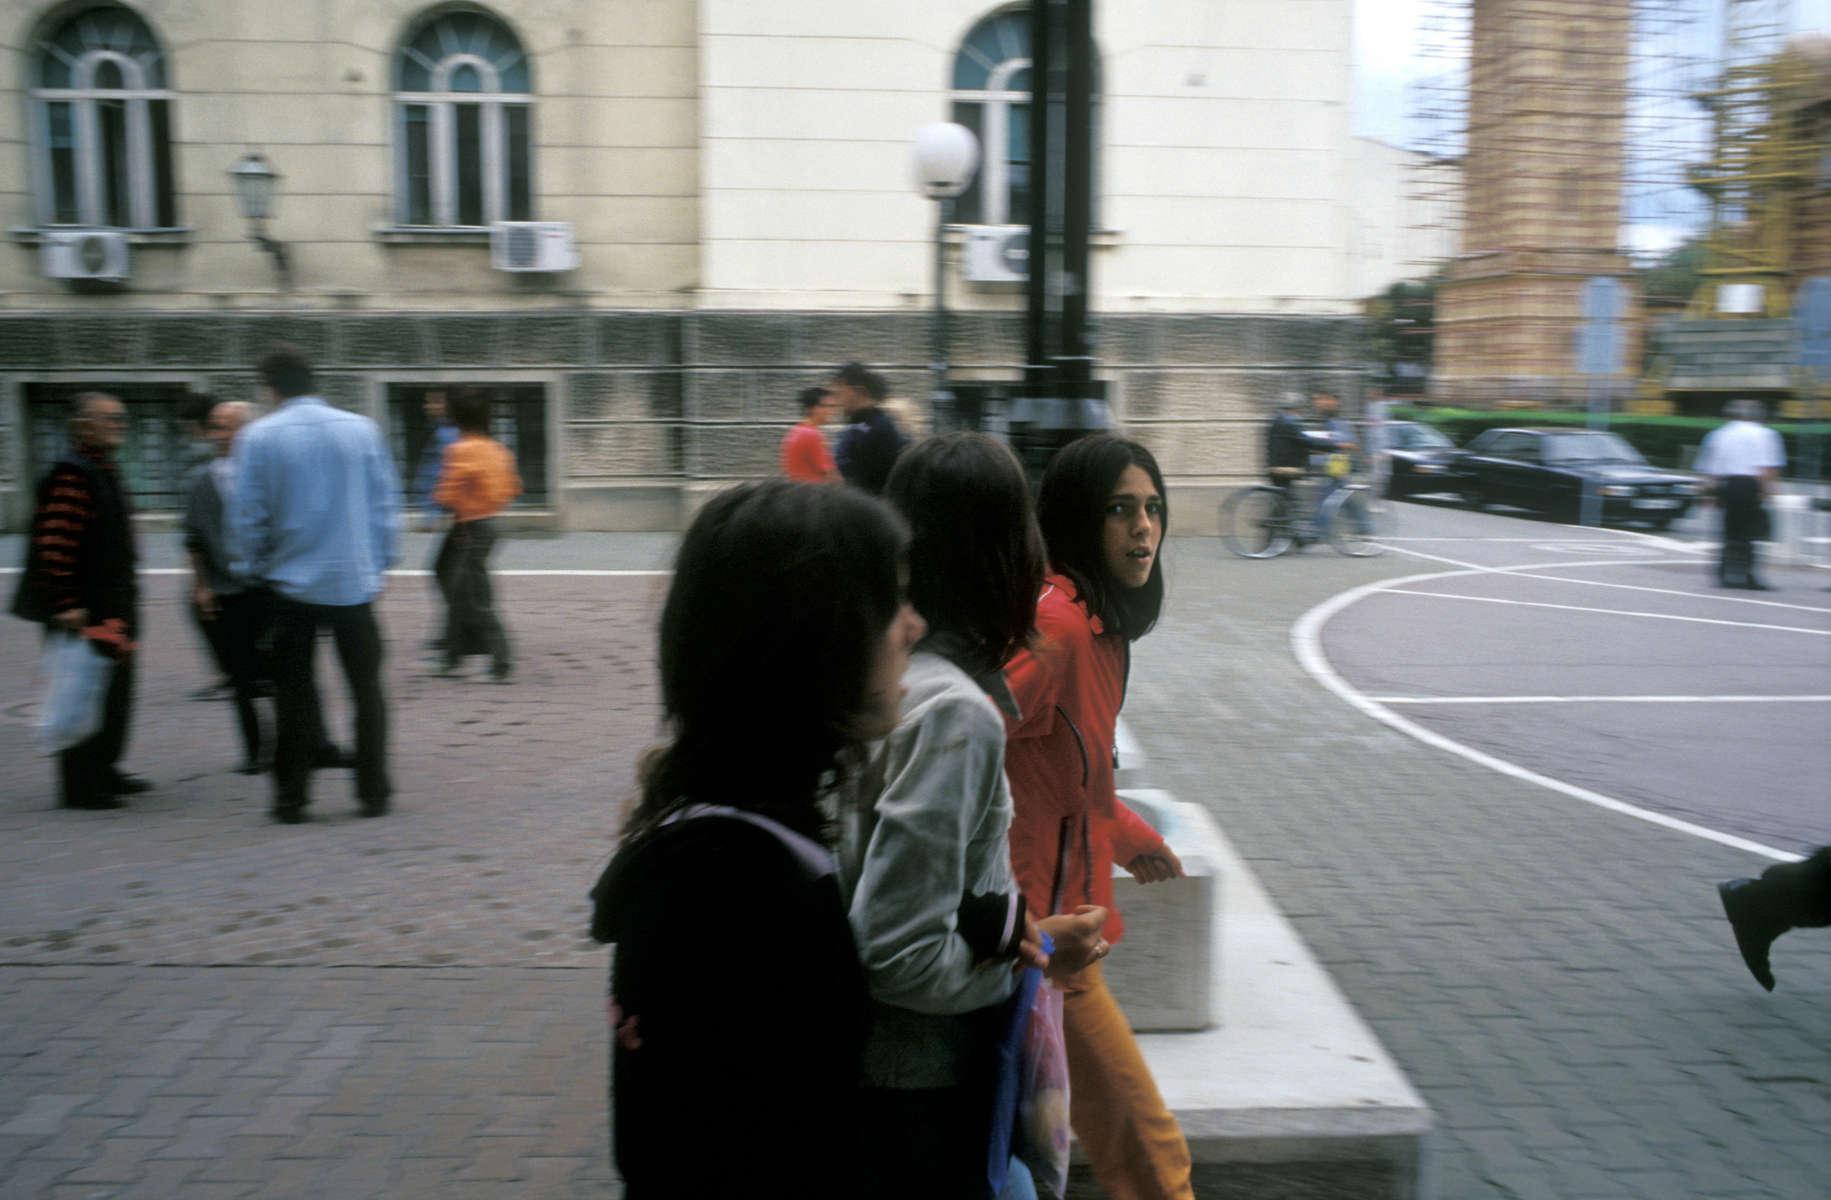 Street scene, Banja Luka